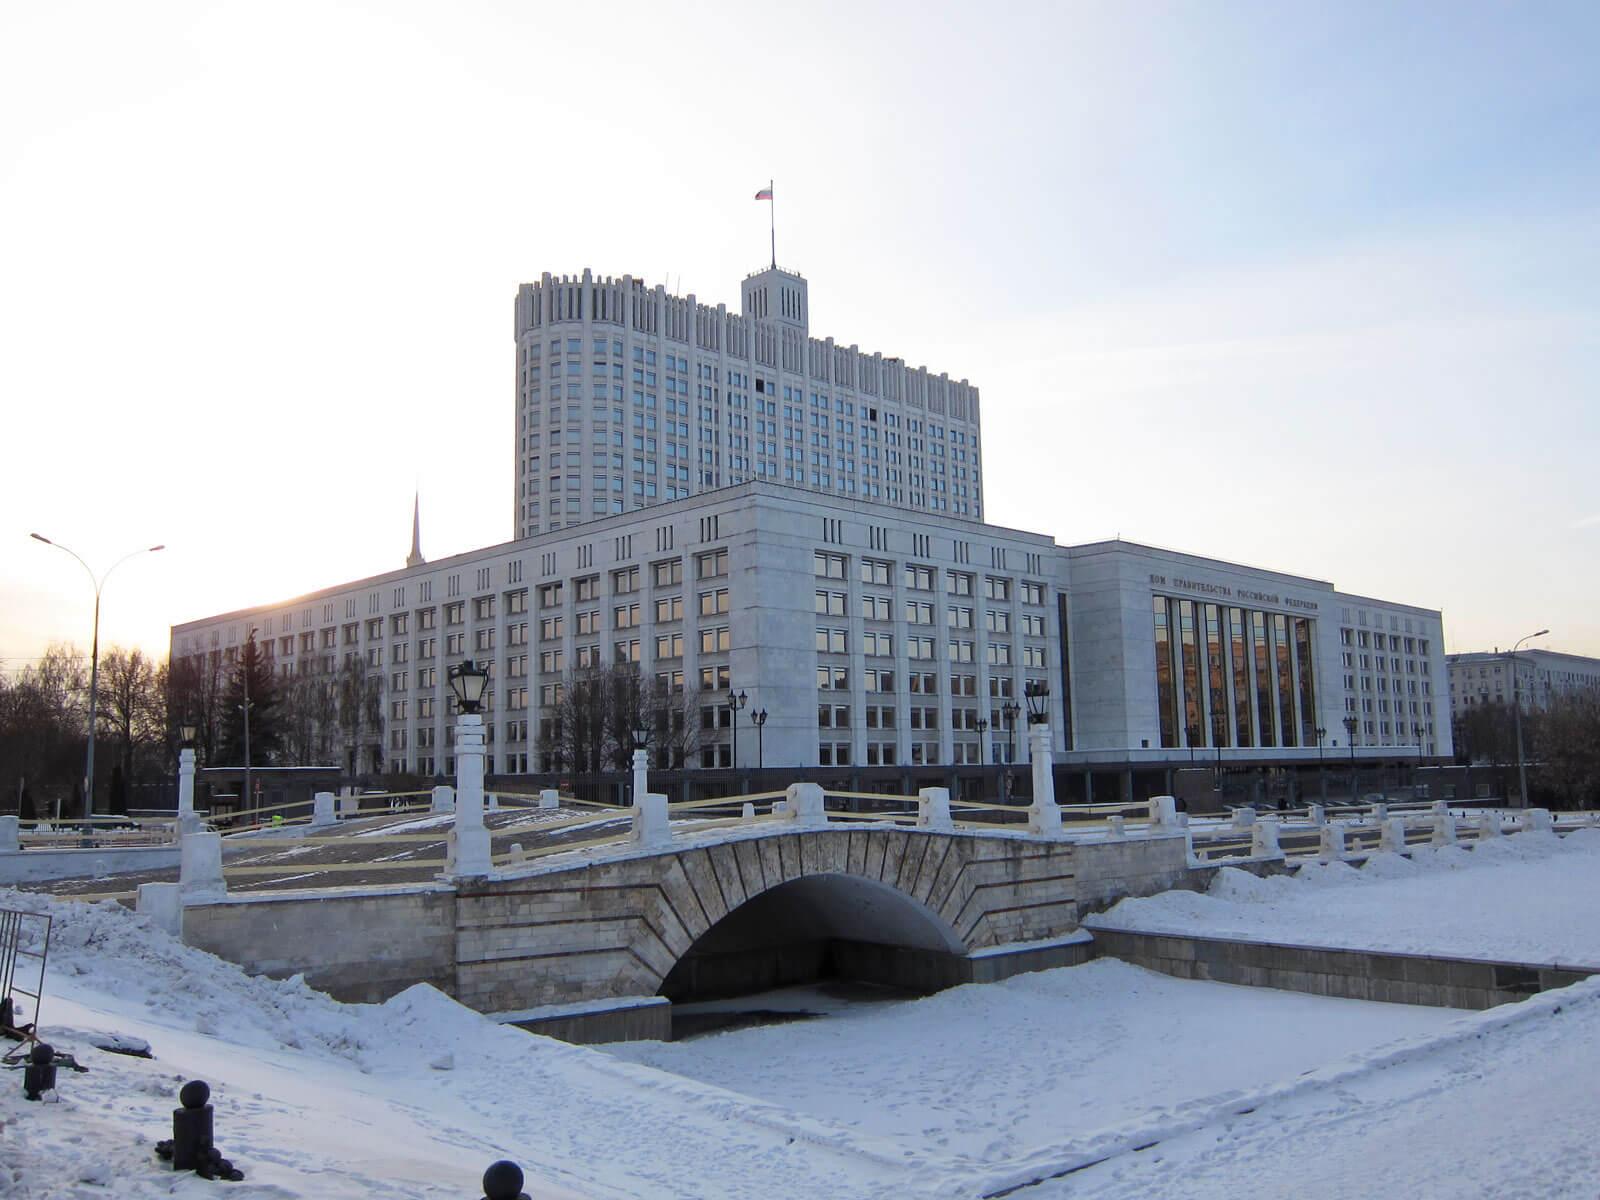 Депутат предупредила о росте протестных настроений среди молодежи